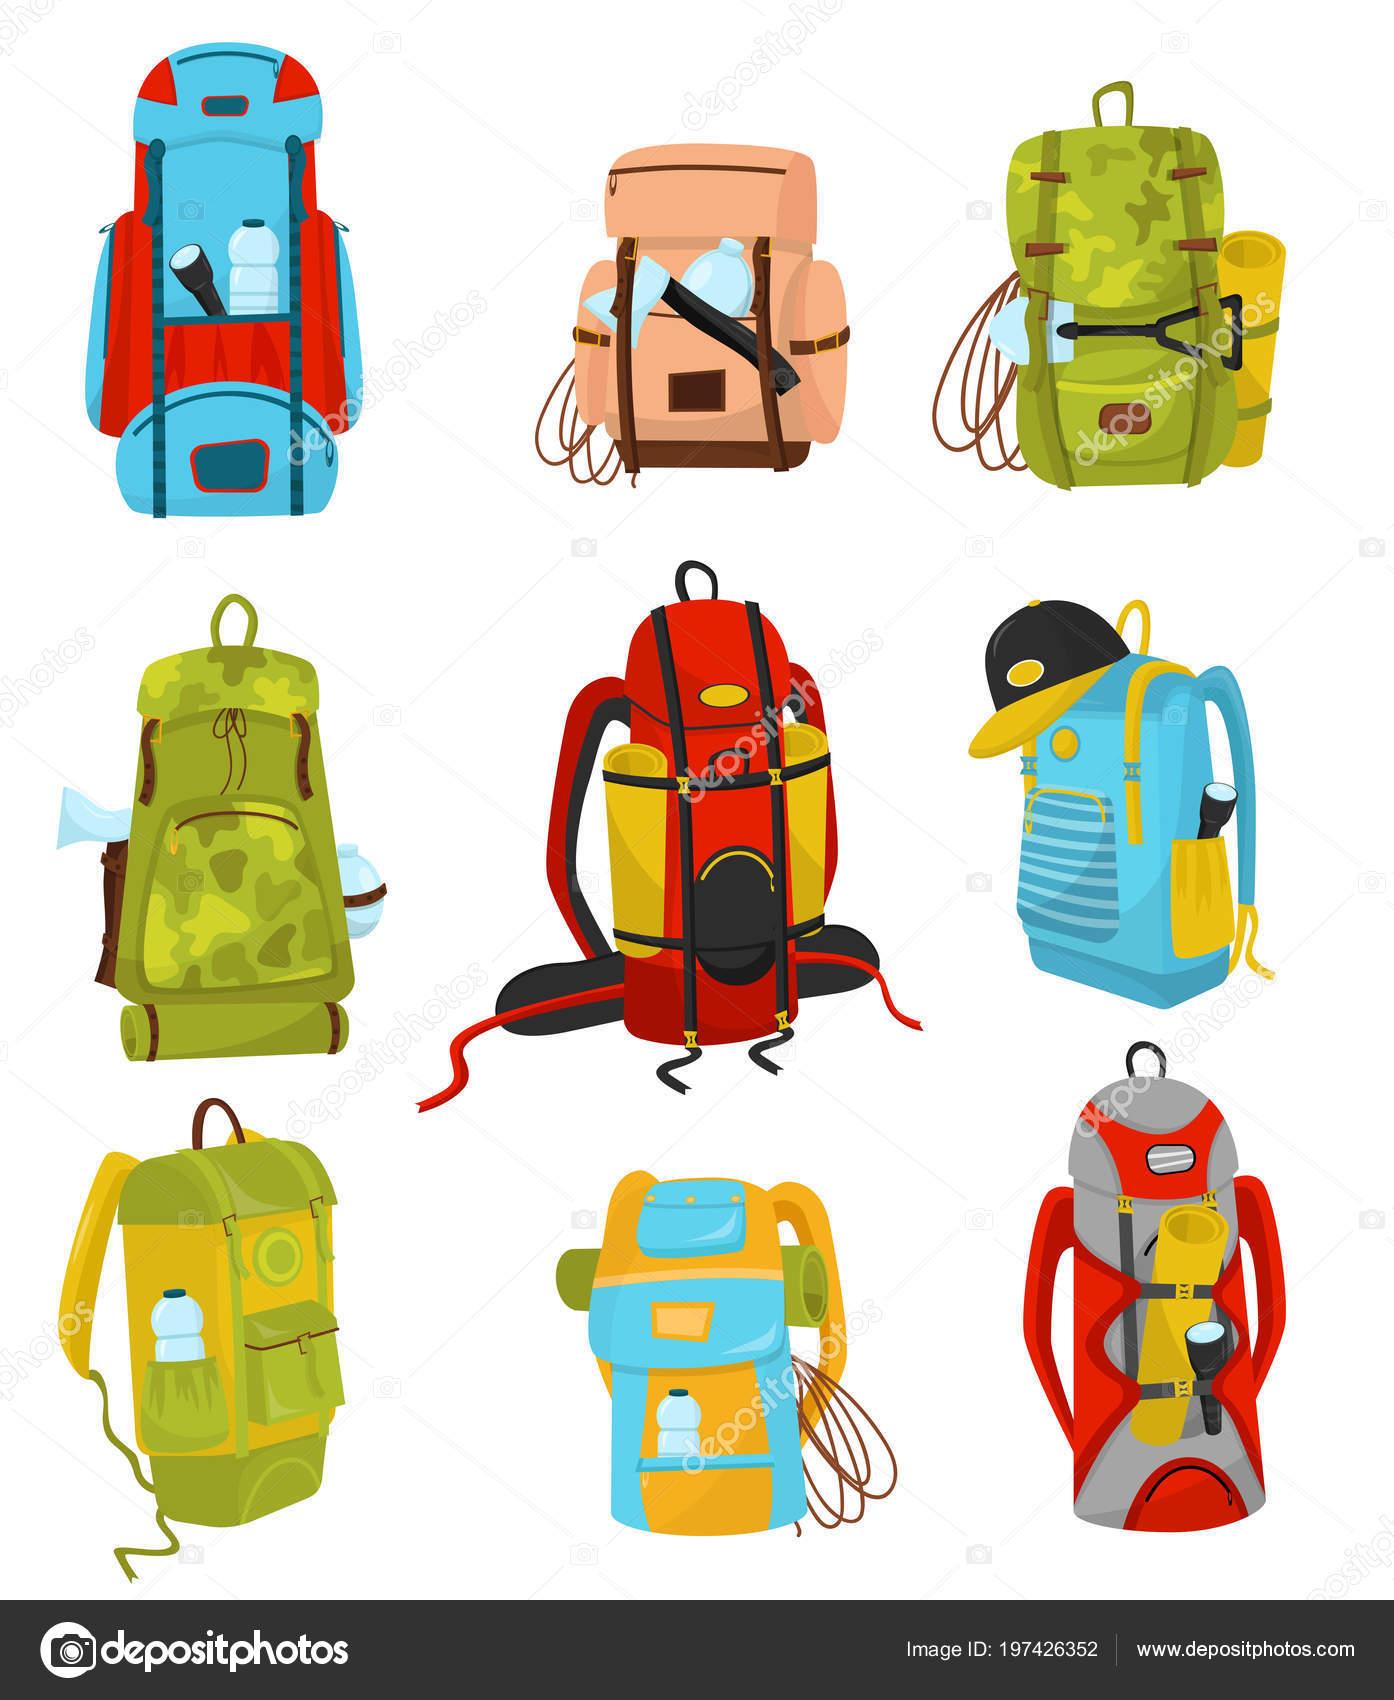 0e20aa00ea83f Flache Vektor-Set bunte Rucksäcke mit verschiedener Ausrüstung  Taschenlampen Wandern und camping-Matten